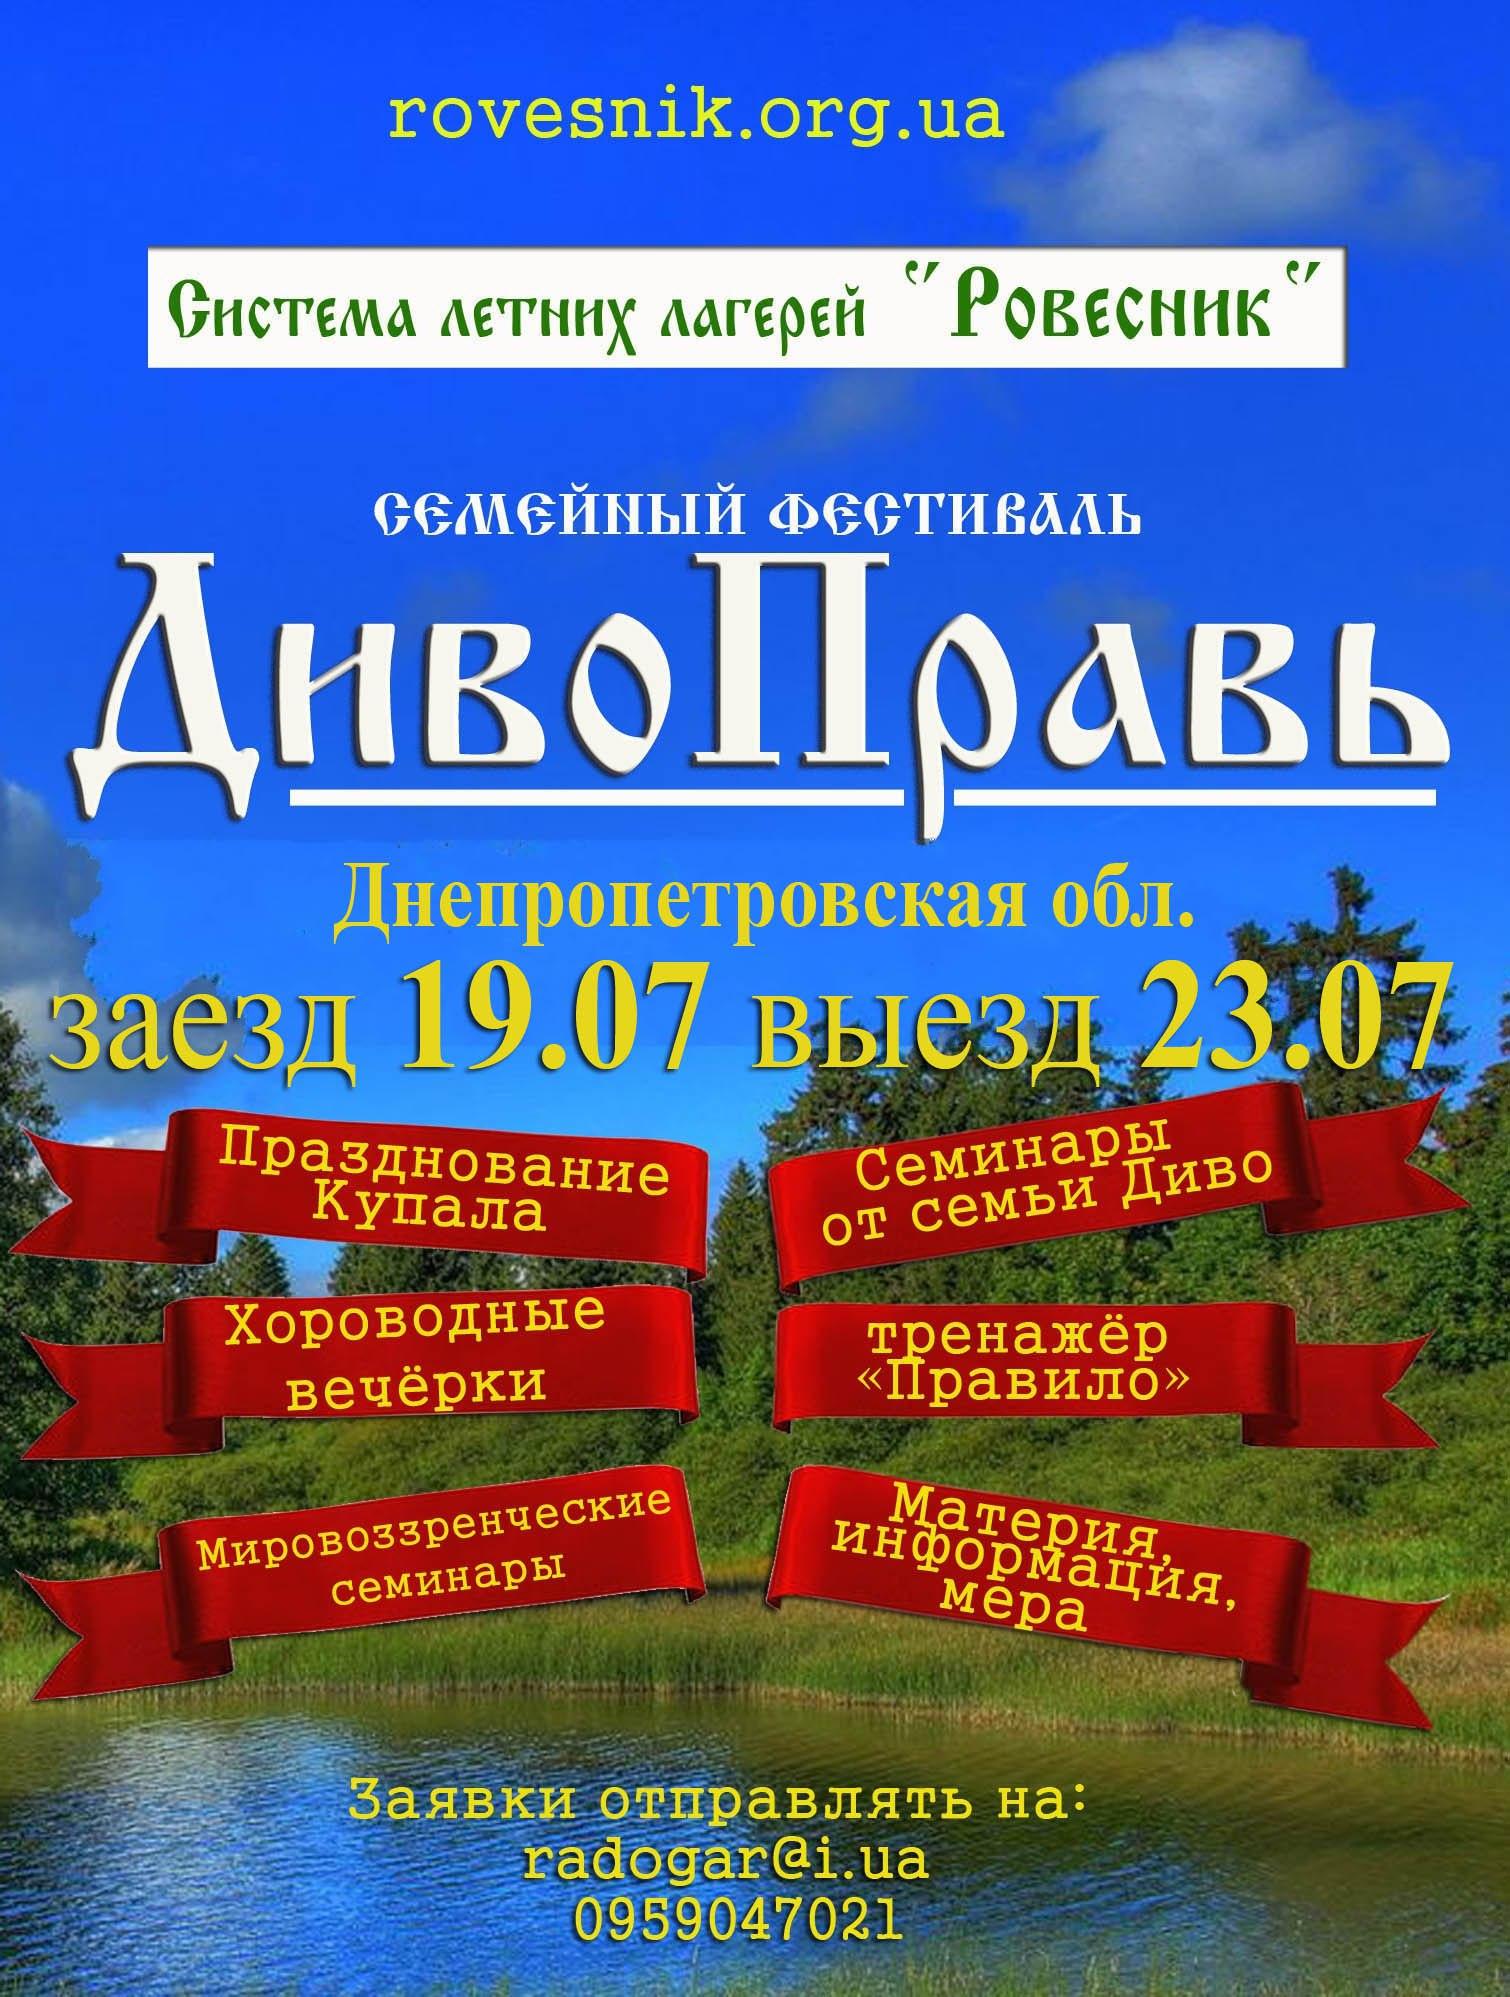 """Семейный фестиваль """"ДивоПравь"""". С 19 по 23 июля"""